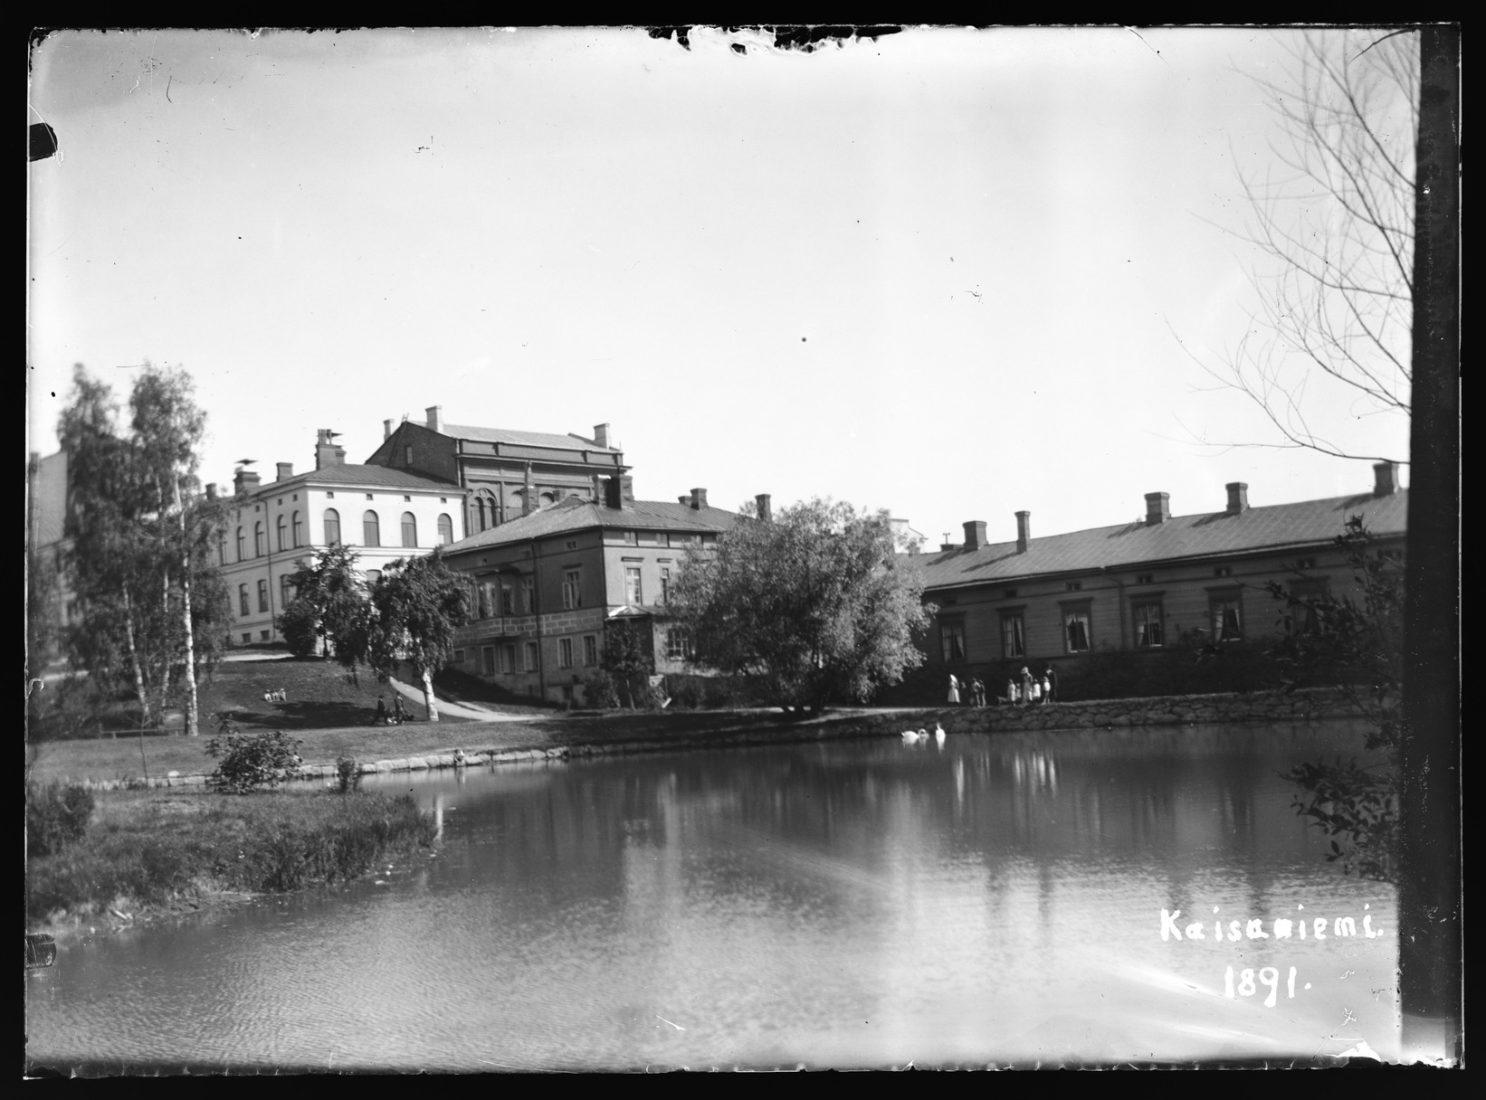 Kaisaniemi, Helsinki, joutsenlampi. Oikealla Villensauna eli Hotel Wilhelmsbad, hotelli ja kylpylä.